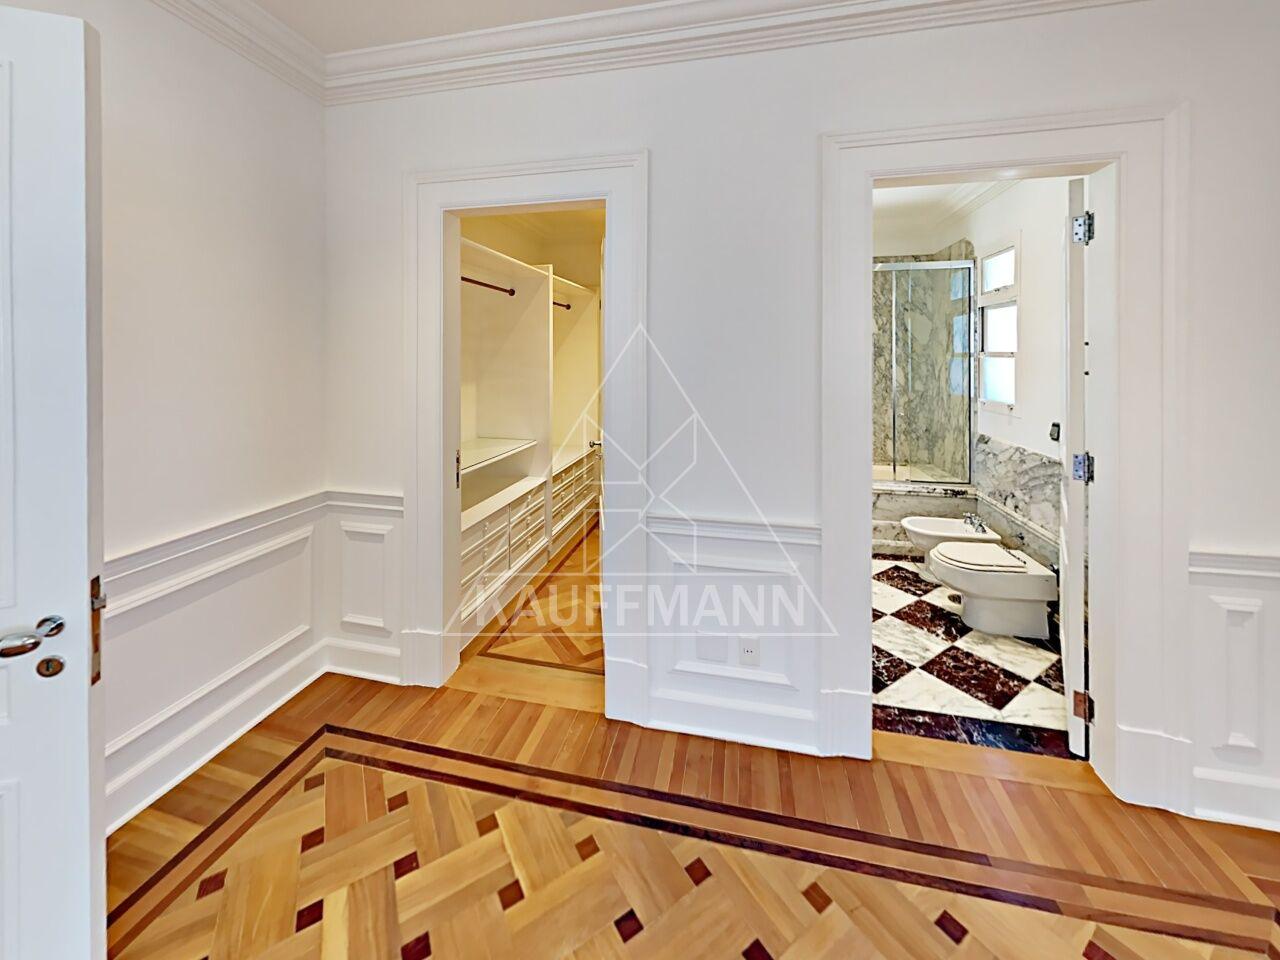 apartamento-venda-sao-paulo-jardim-america-regency-6dormitorios-6suites-7vagas-1099m2-Foto14